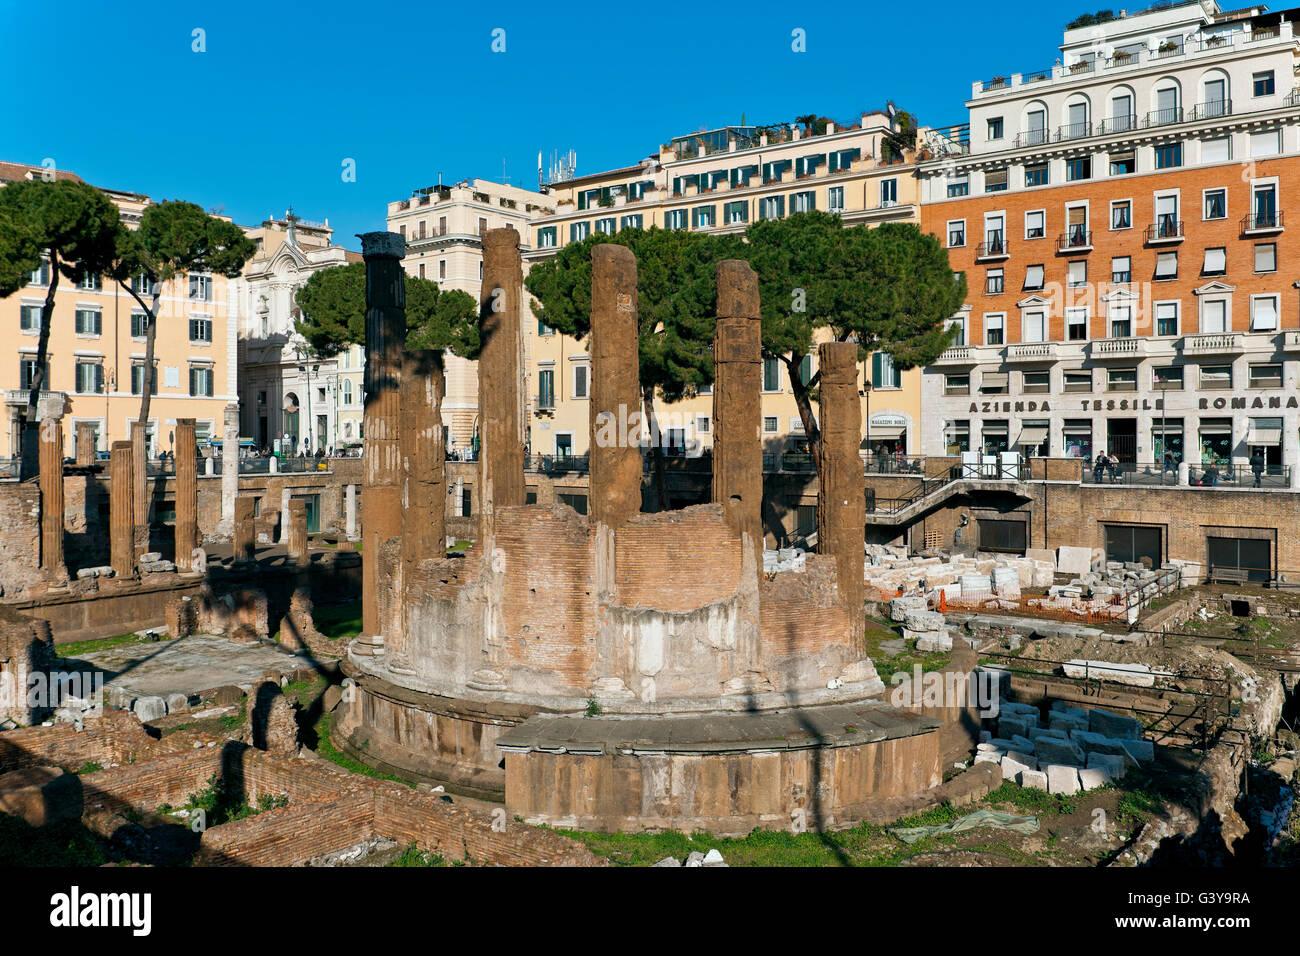 Antique circular temple, Area Sacra Argentina, Largo di Torre Argentina, Rome, Lazio, Italy, Europe - Stock Image